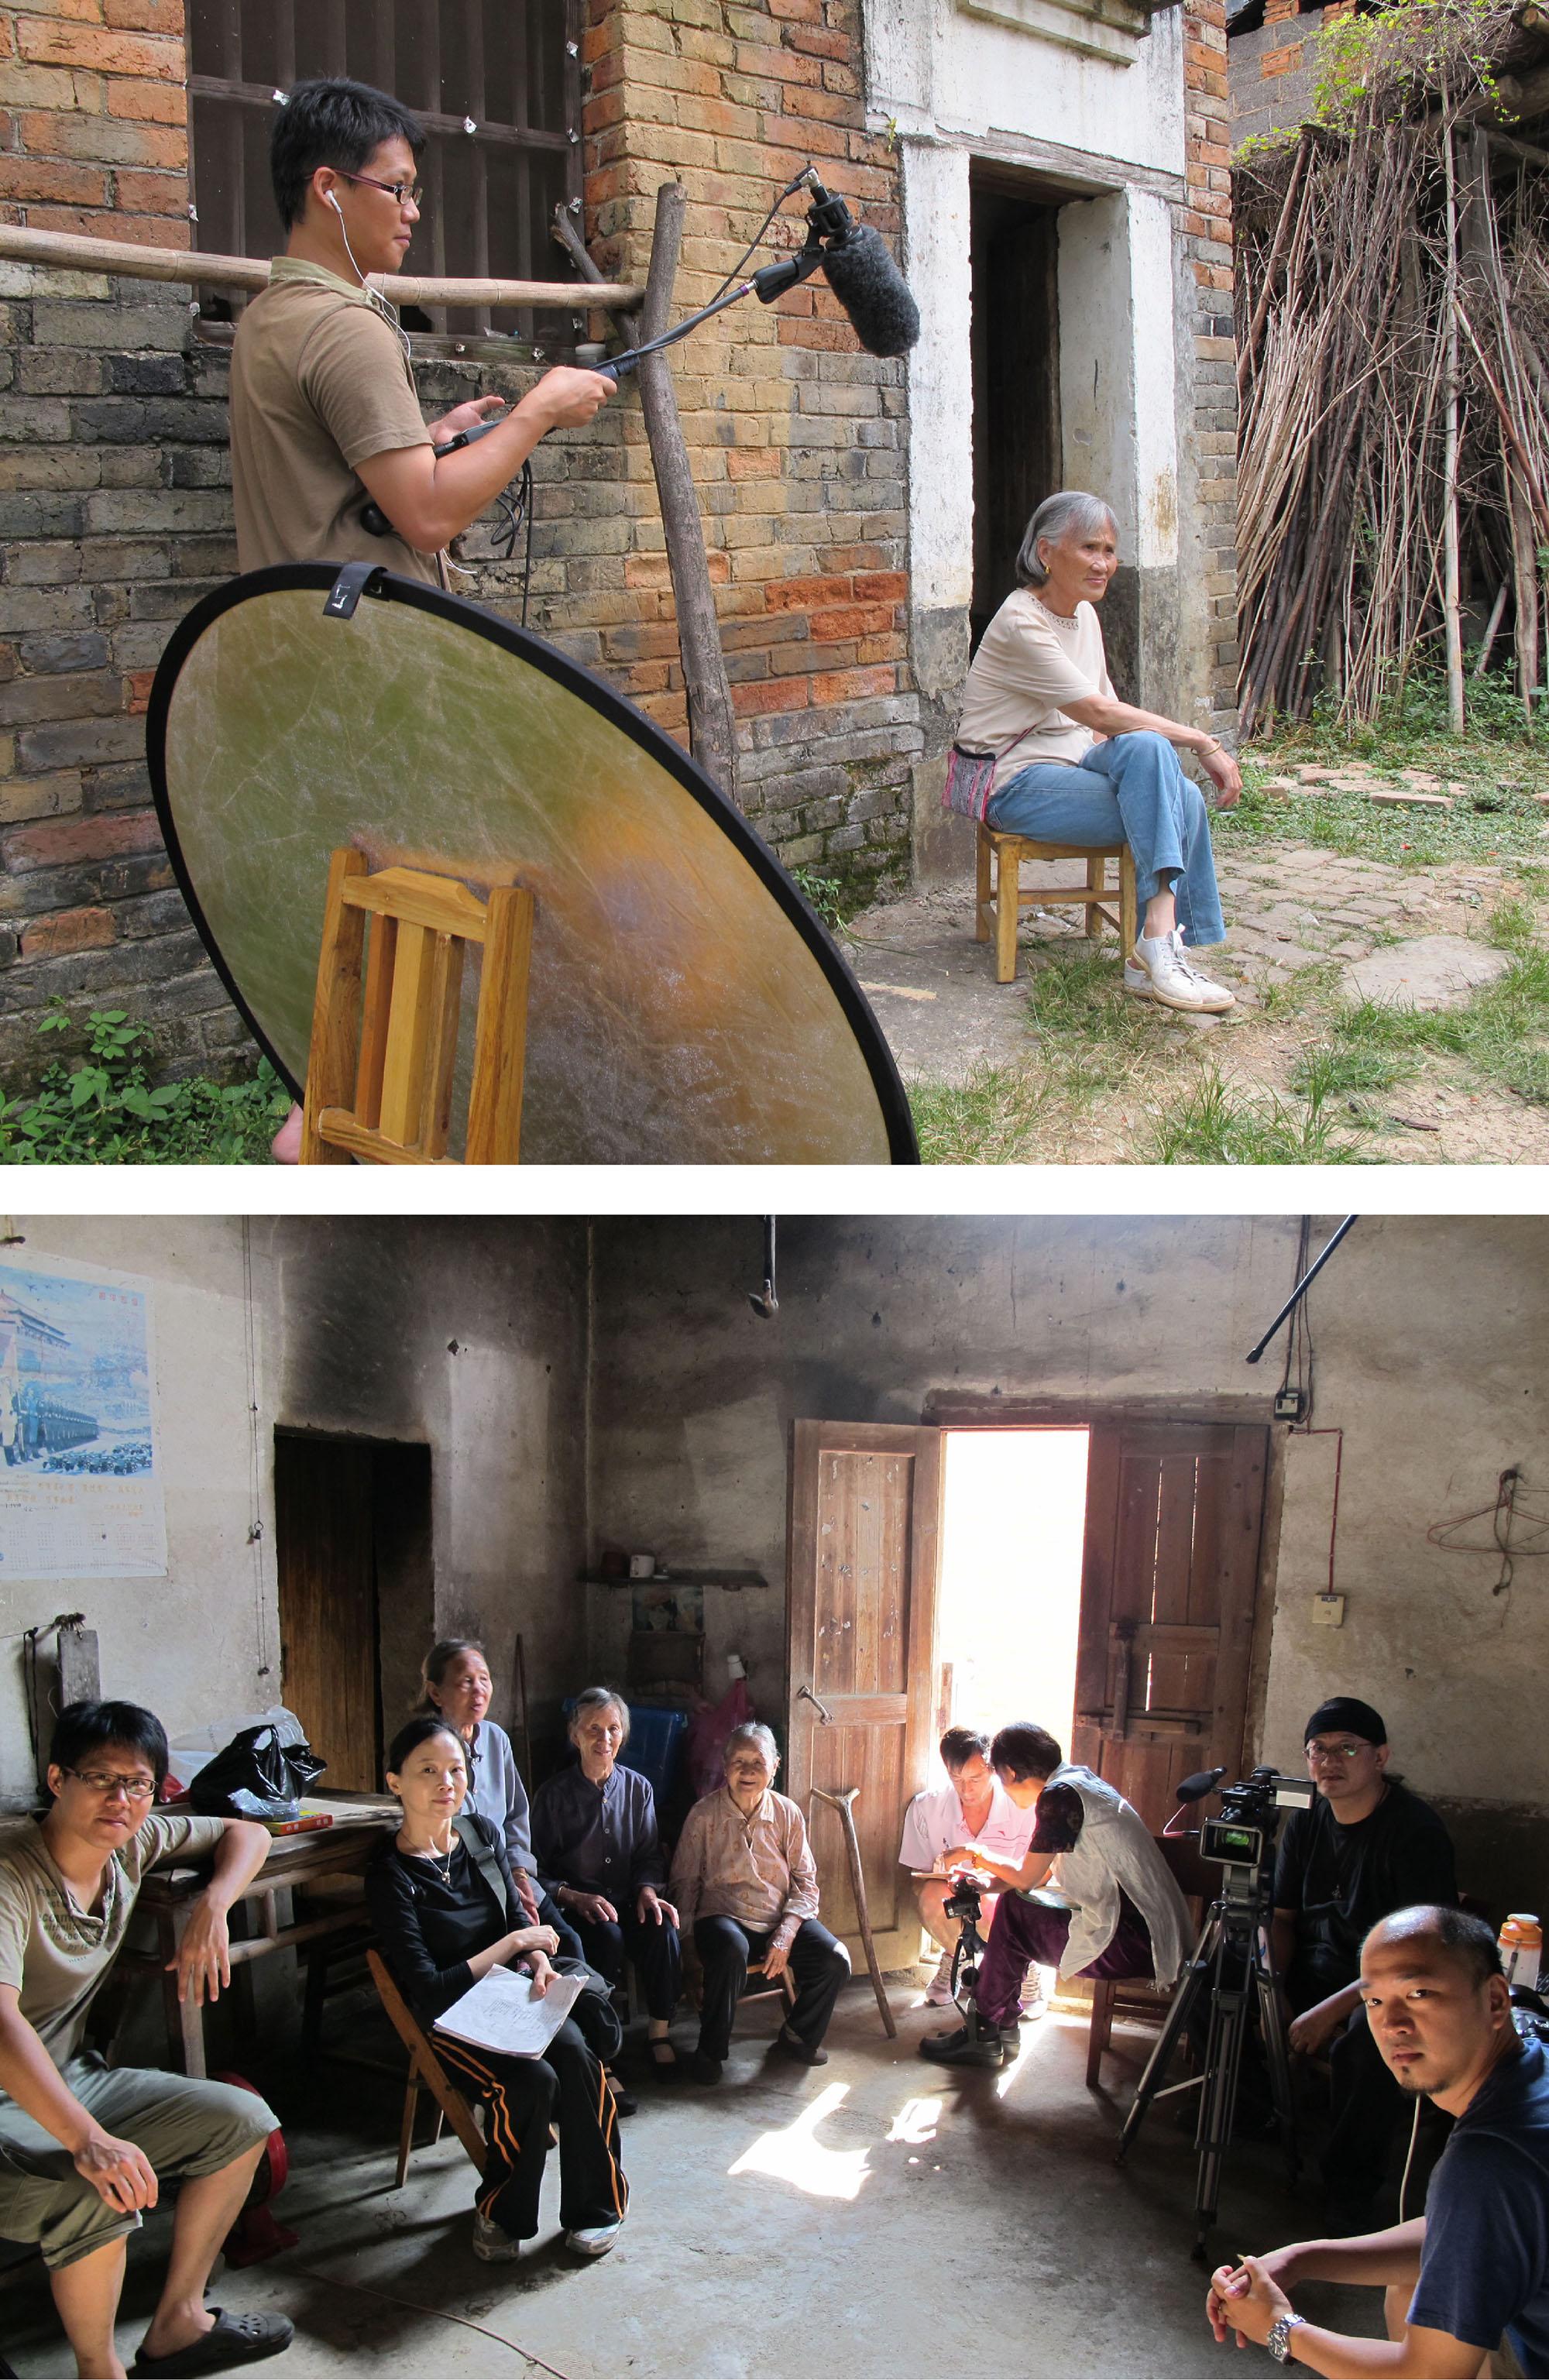 劉斐玟與郭昱沂導演、攝影團隊,前往江永拍攝紀錄片《女書回生》。因為預算少,團隊幾乎全自掏腰包完成拍攝,只因他們皆有著共同使命感,希望能為那些故事、那些歌聲、那群婦女,留下影音紀錄。圖片來源│劉斐玟